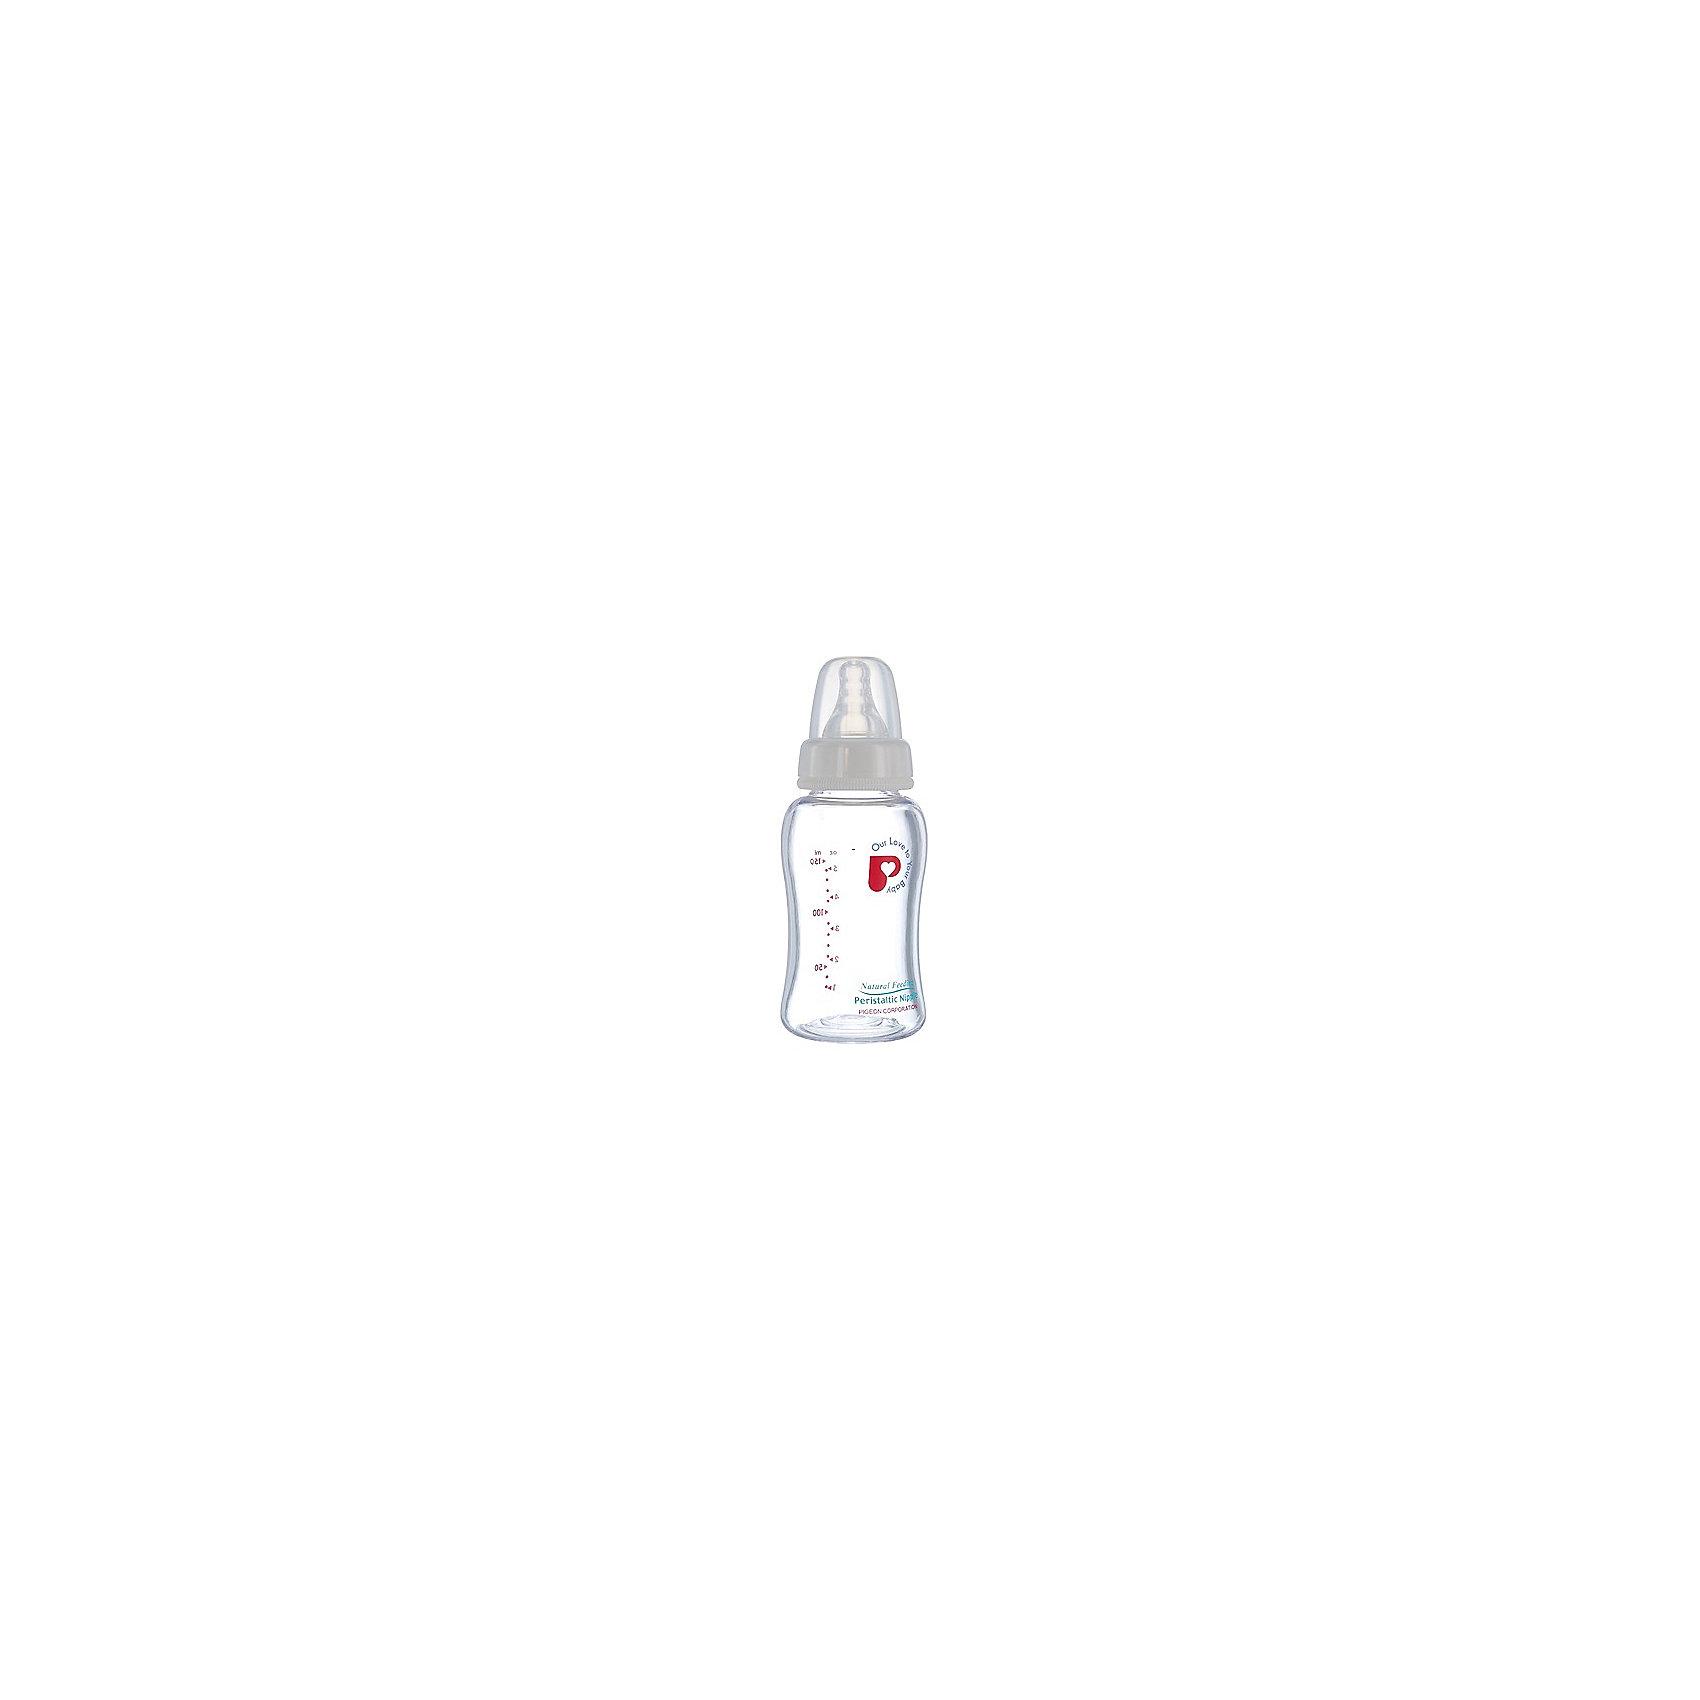 Бутылочка Перистальтик Плюс с широким горлышком 160мл, стекло, PigeonСтеклянная бутылочка для кормления малыша имеет широкое горлышко, через которое удобно наливать густую смесь или сцеженное грудное молоко. Антиколиковая соска классической формы выполнена из силикона. Бутылочка для кормления имеет защитный колпачок, который надевается на соску и защищает ее от загрязнения.<br><br>Дополнительная информация:<br><br>Объем бутылочки: 160 мл<br>Материал: стекло, силикон<br><br>Бутылочку Перистальтик Плюс с широким горлышком 160мл, стекло, Pigeon можно купить в нашем интернет-магазине.<br><br>Ширина мм: 300<br>Глубина мм: 100<br>Высота мм: 50<br>Вес г: 160<br>Возраст от месяцев: -2147483648<br>Возраст до месяцев: 2147483647<br>Пол: Унисекс<br>Возраст: Детский<br>SKU: 5008344